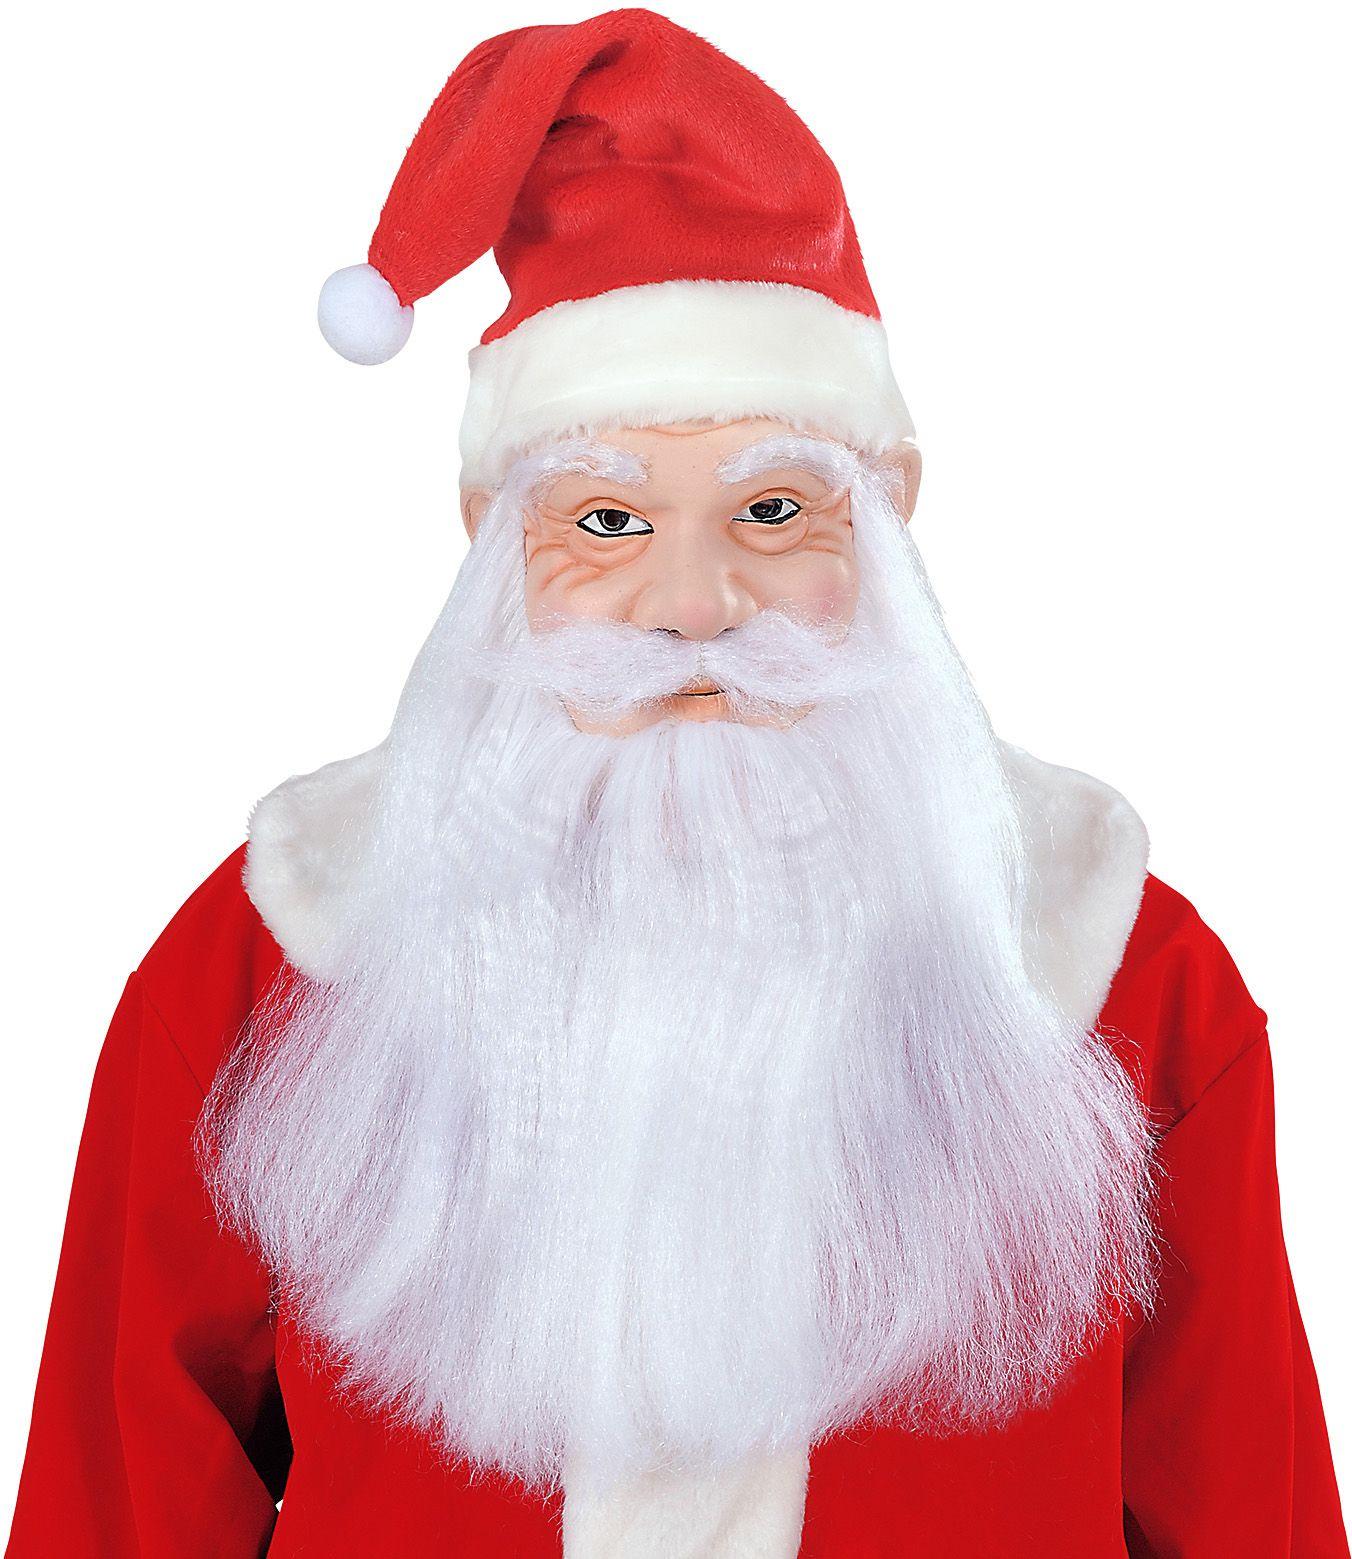 Kerstman masker, muts, pruik, baard en snor